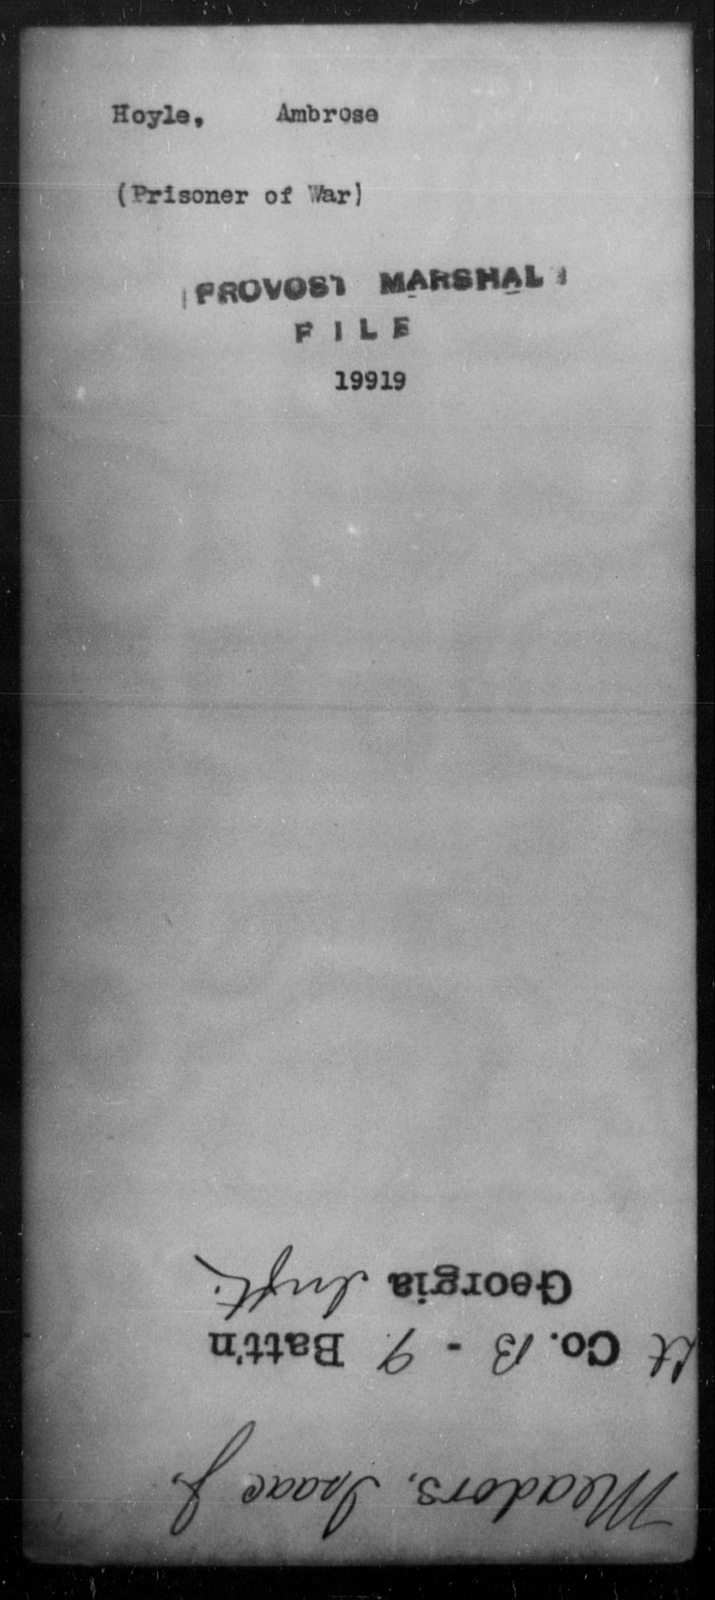 Hoyle, Ambrose - State: [Blank] - Year: [Blank]